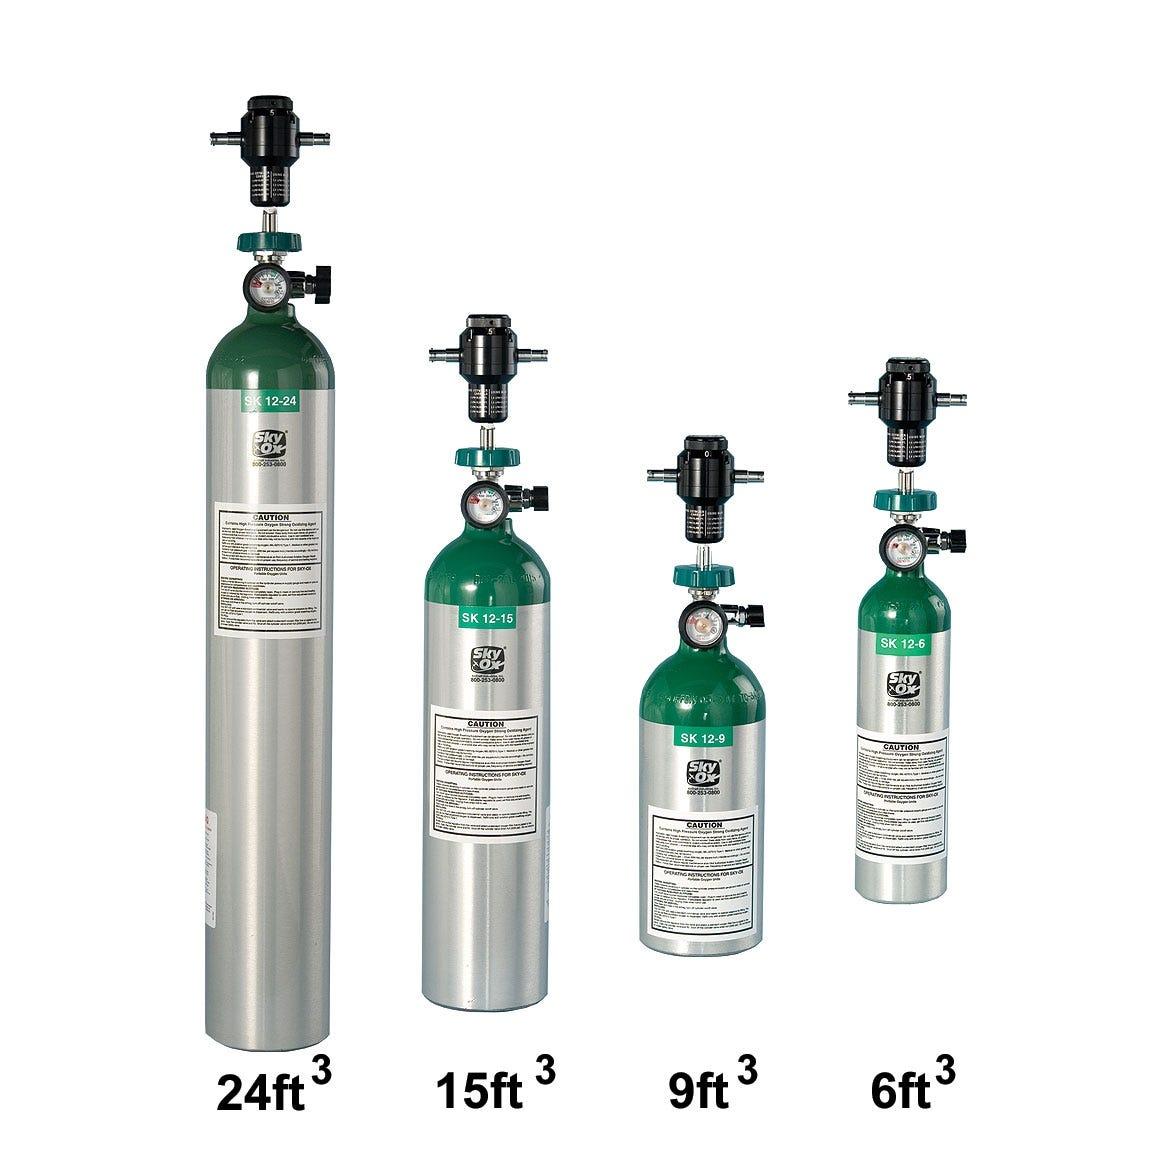 Oxygen tank sizes